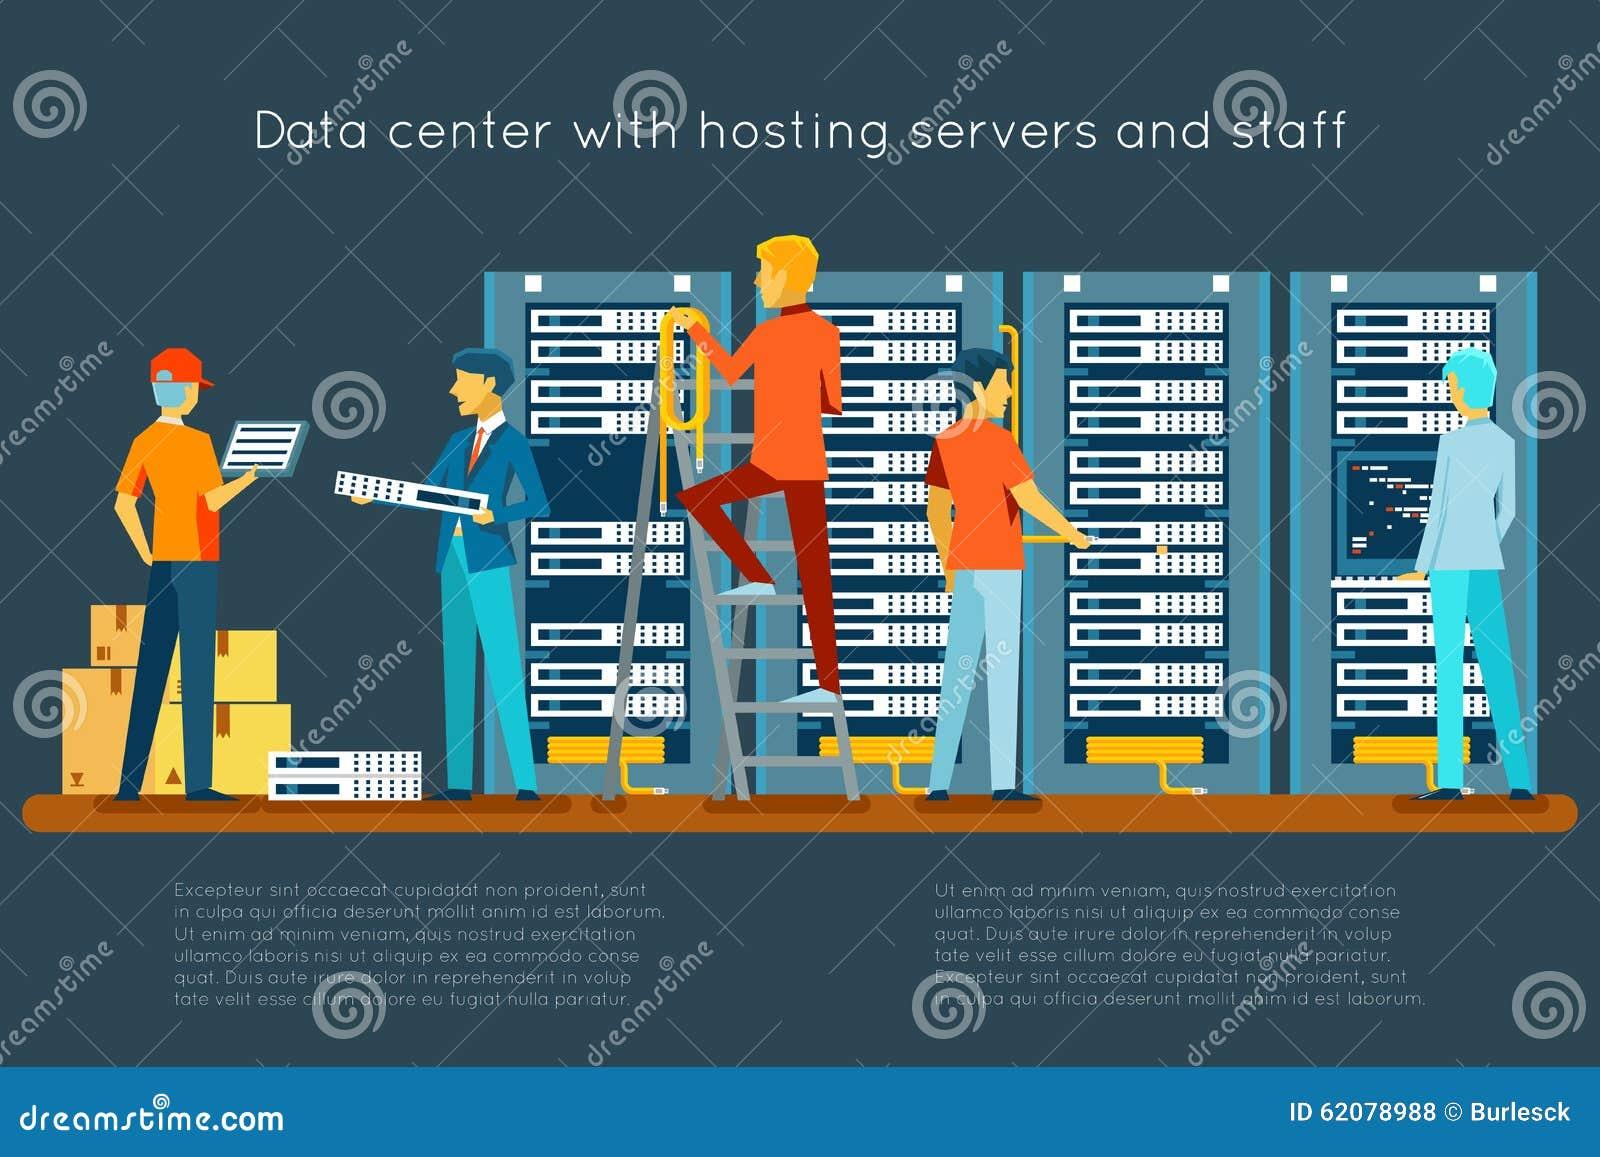 Data center hosting business plan